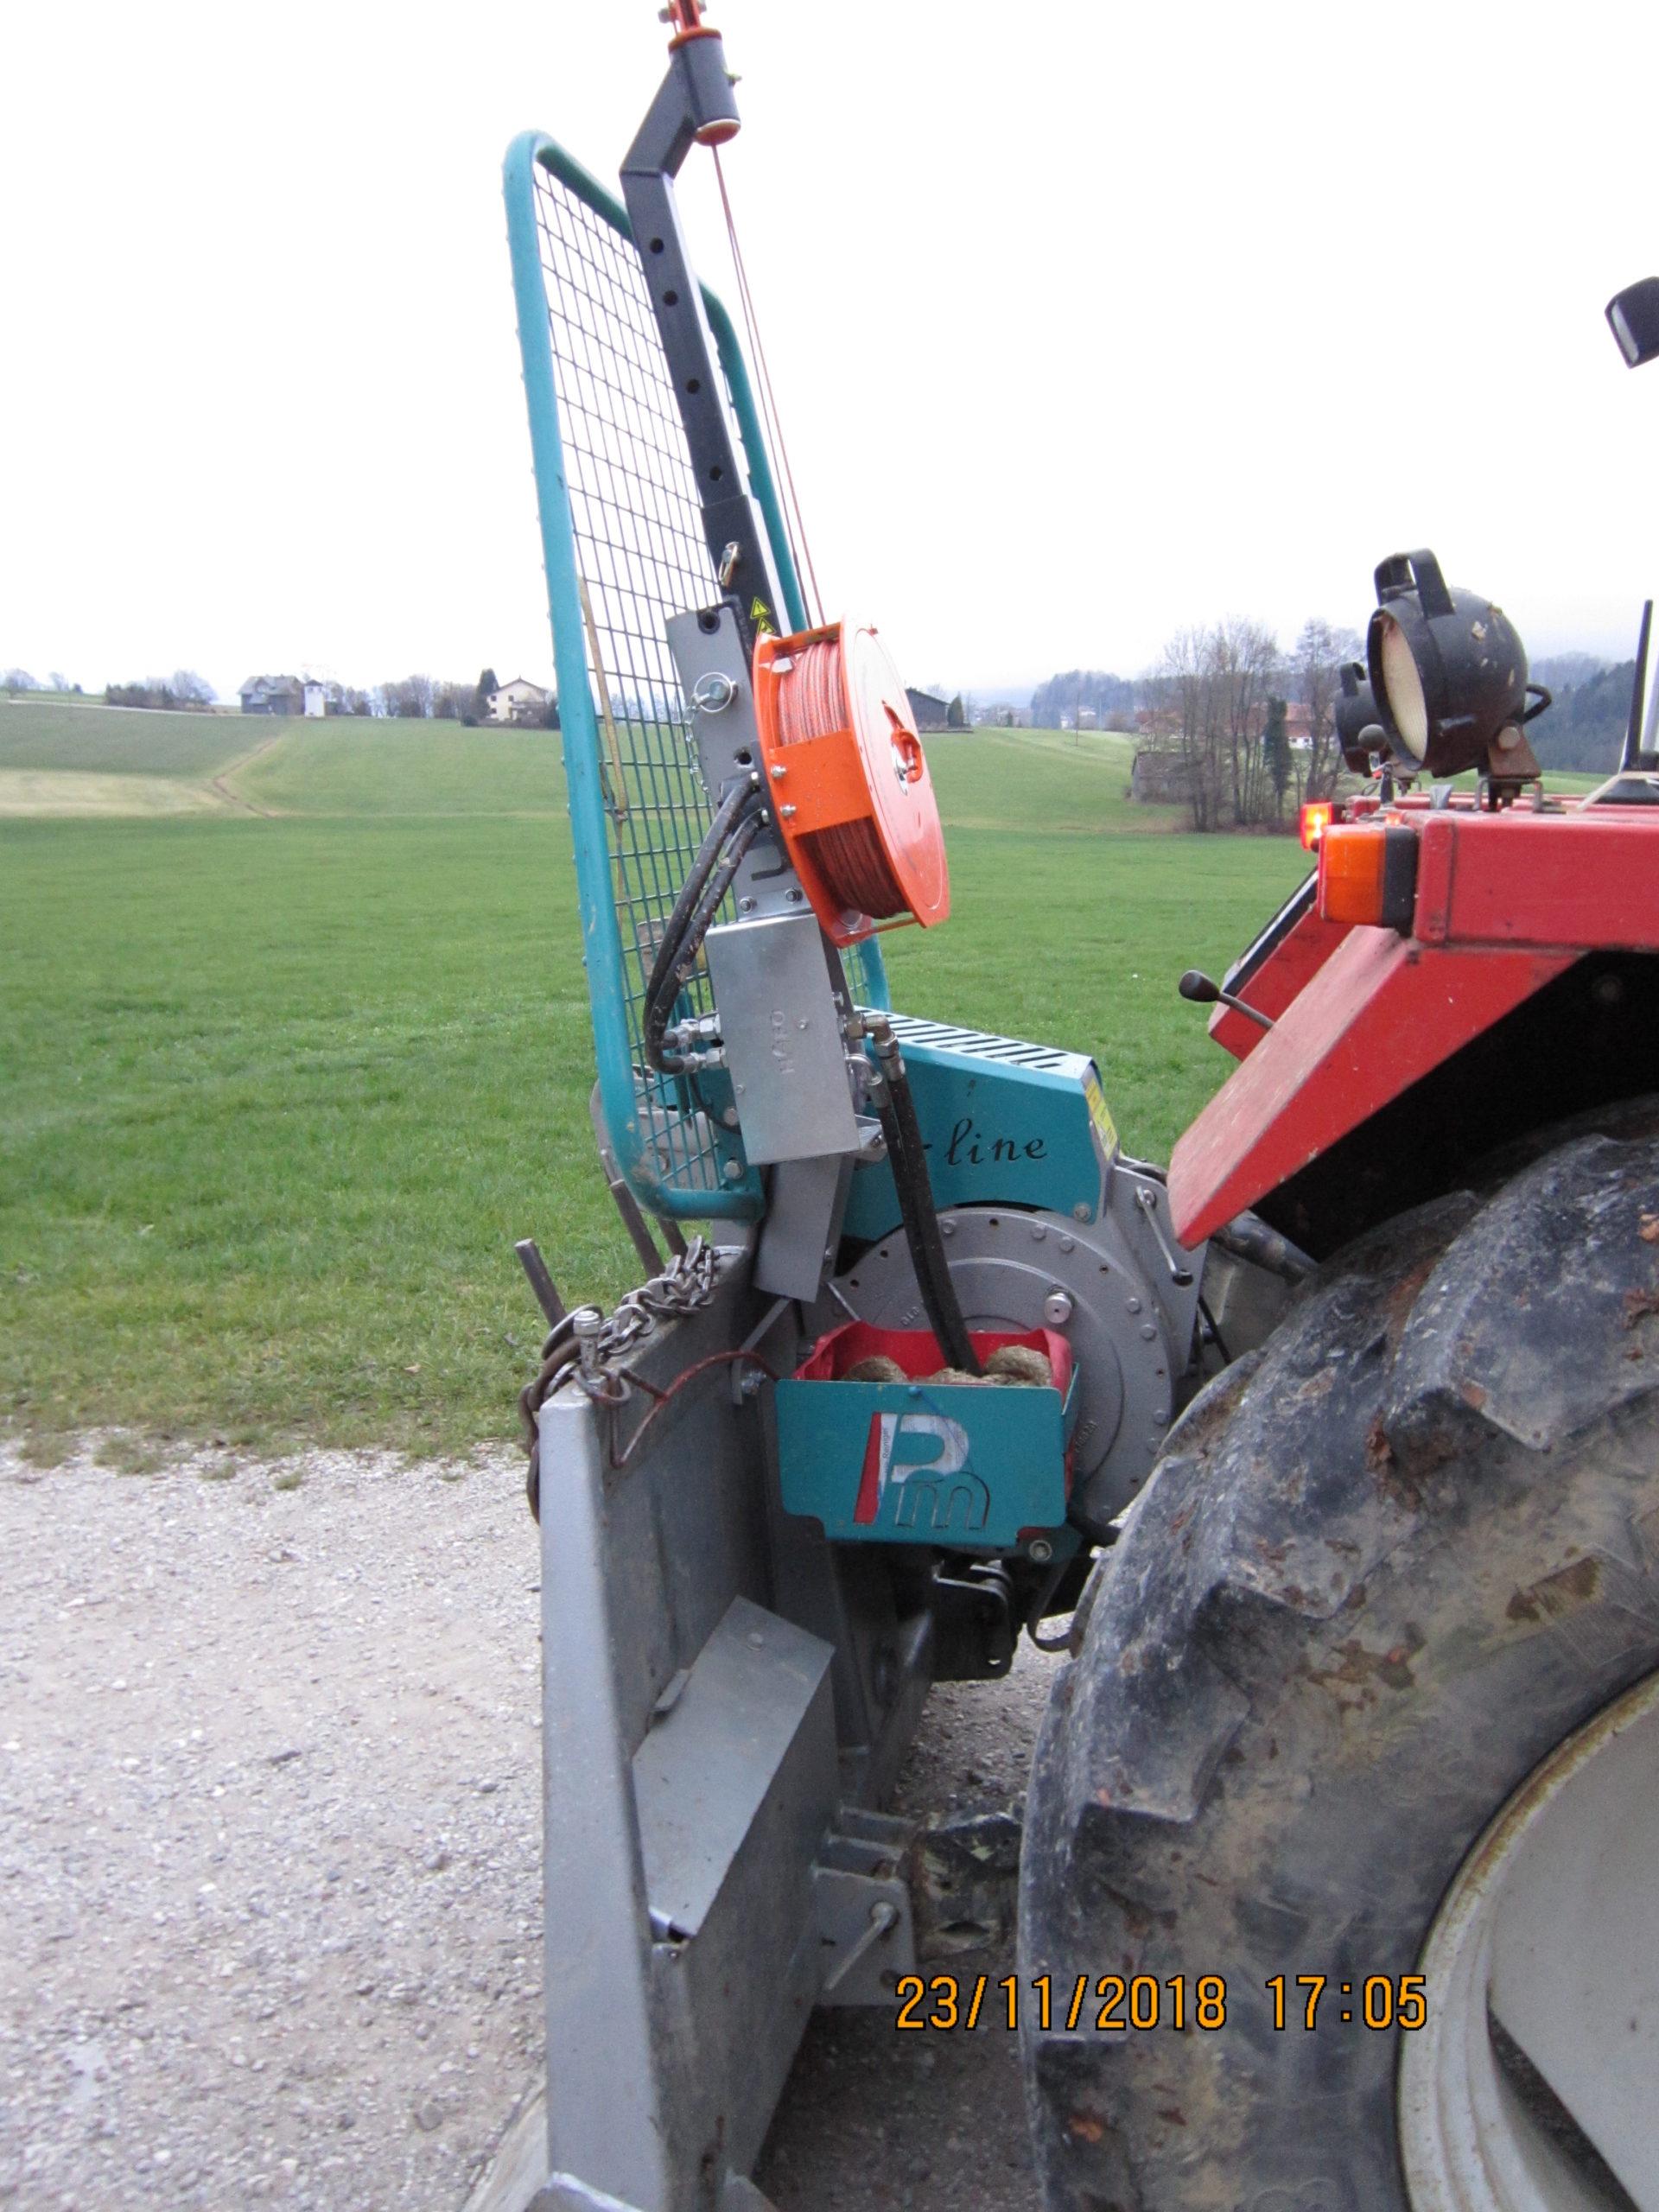 Hilfswinde mit Getriebeseilwinde von Pflanzelt in Einsatz